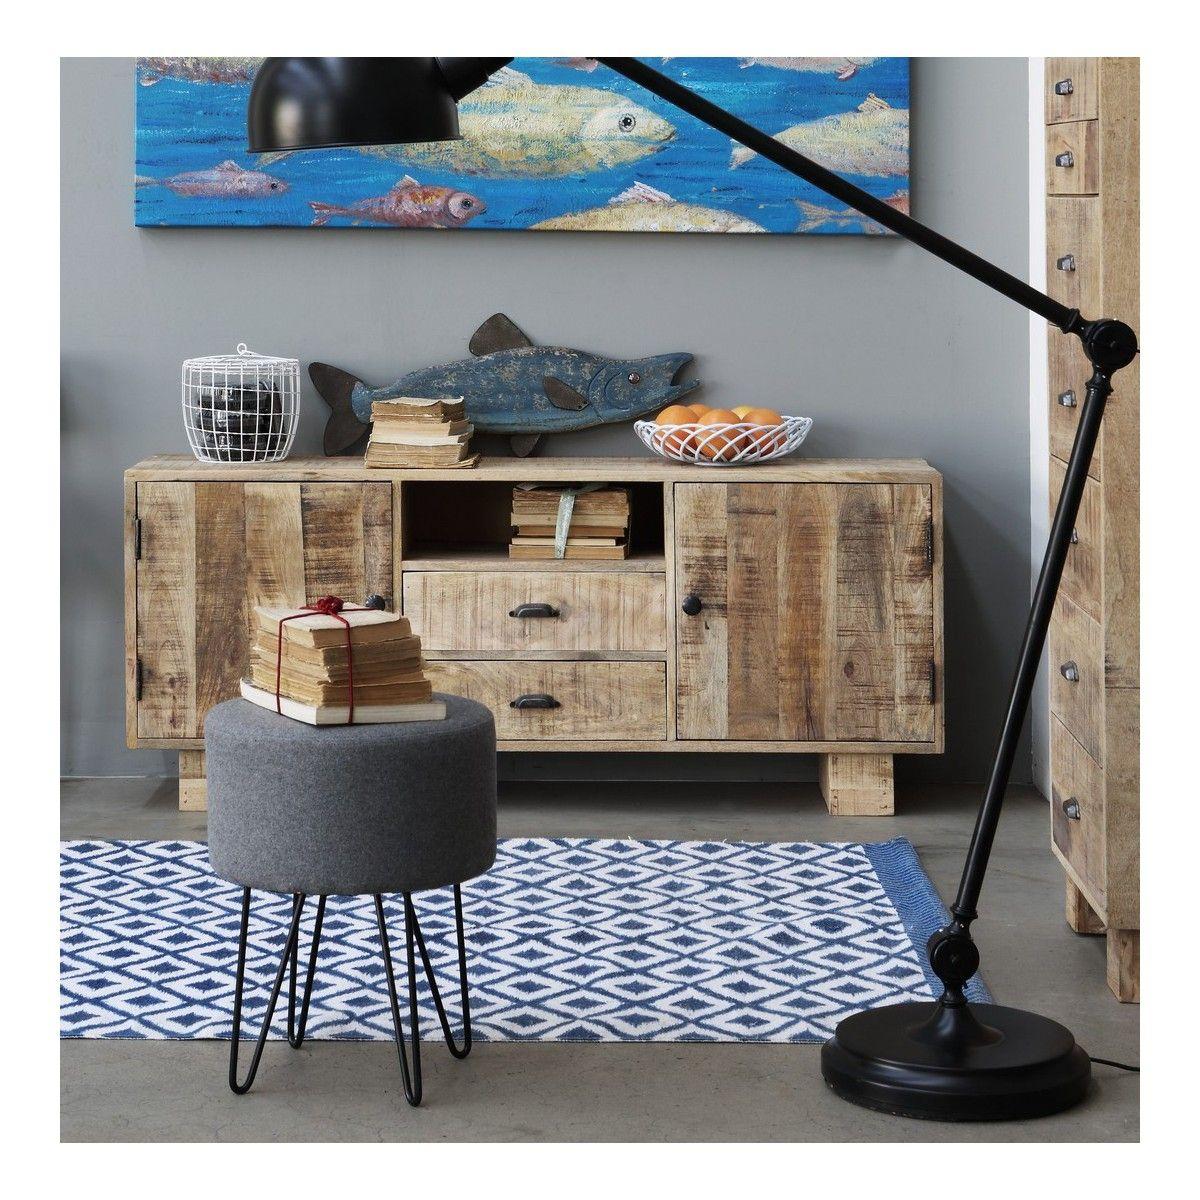 Arredamento country vintage industrial loft urban shabby chic - Porta Tv Norway Porta Tv Vintage Porta Tv Industrial